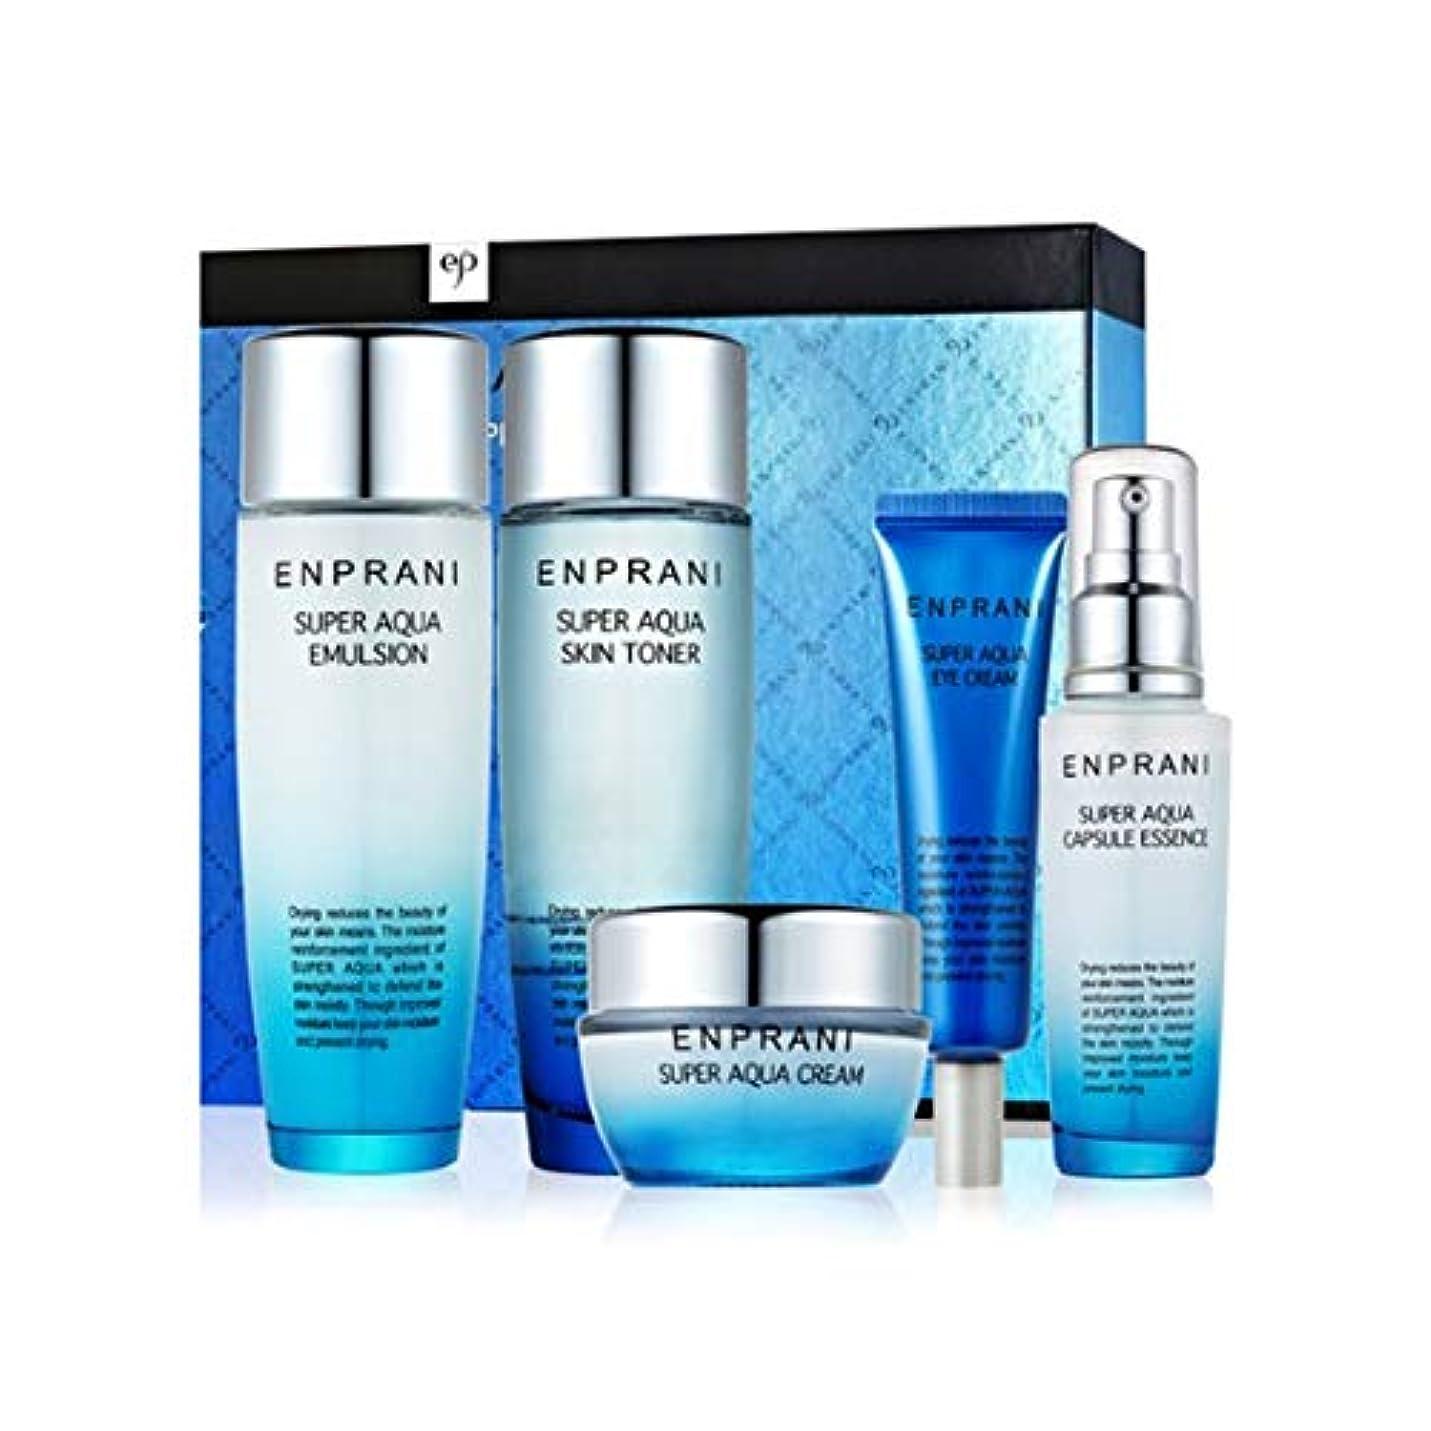 スコットランド人アンカー一部エンプラニスーパーアクアスキンケアセット(トナー150ml、エマルジョン150ml、クリーム50ml、アイクリーム30ml、エッセンス55ml) Enprani Super Aqua Skin Care Set(Toner...